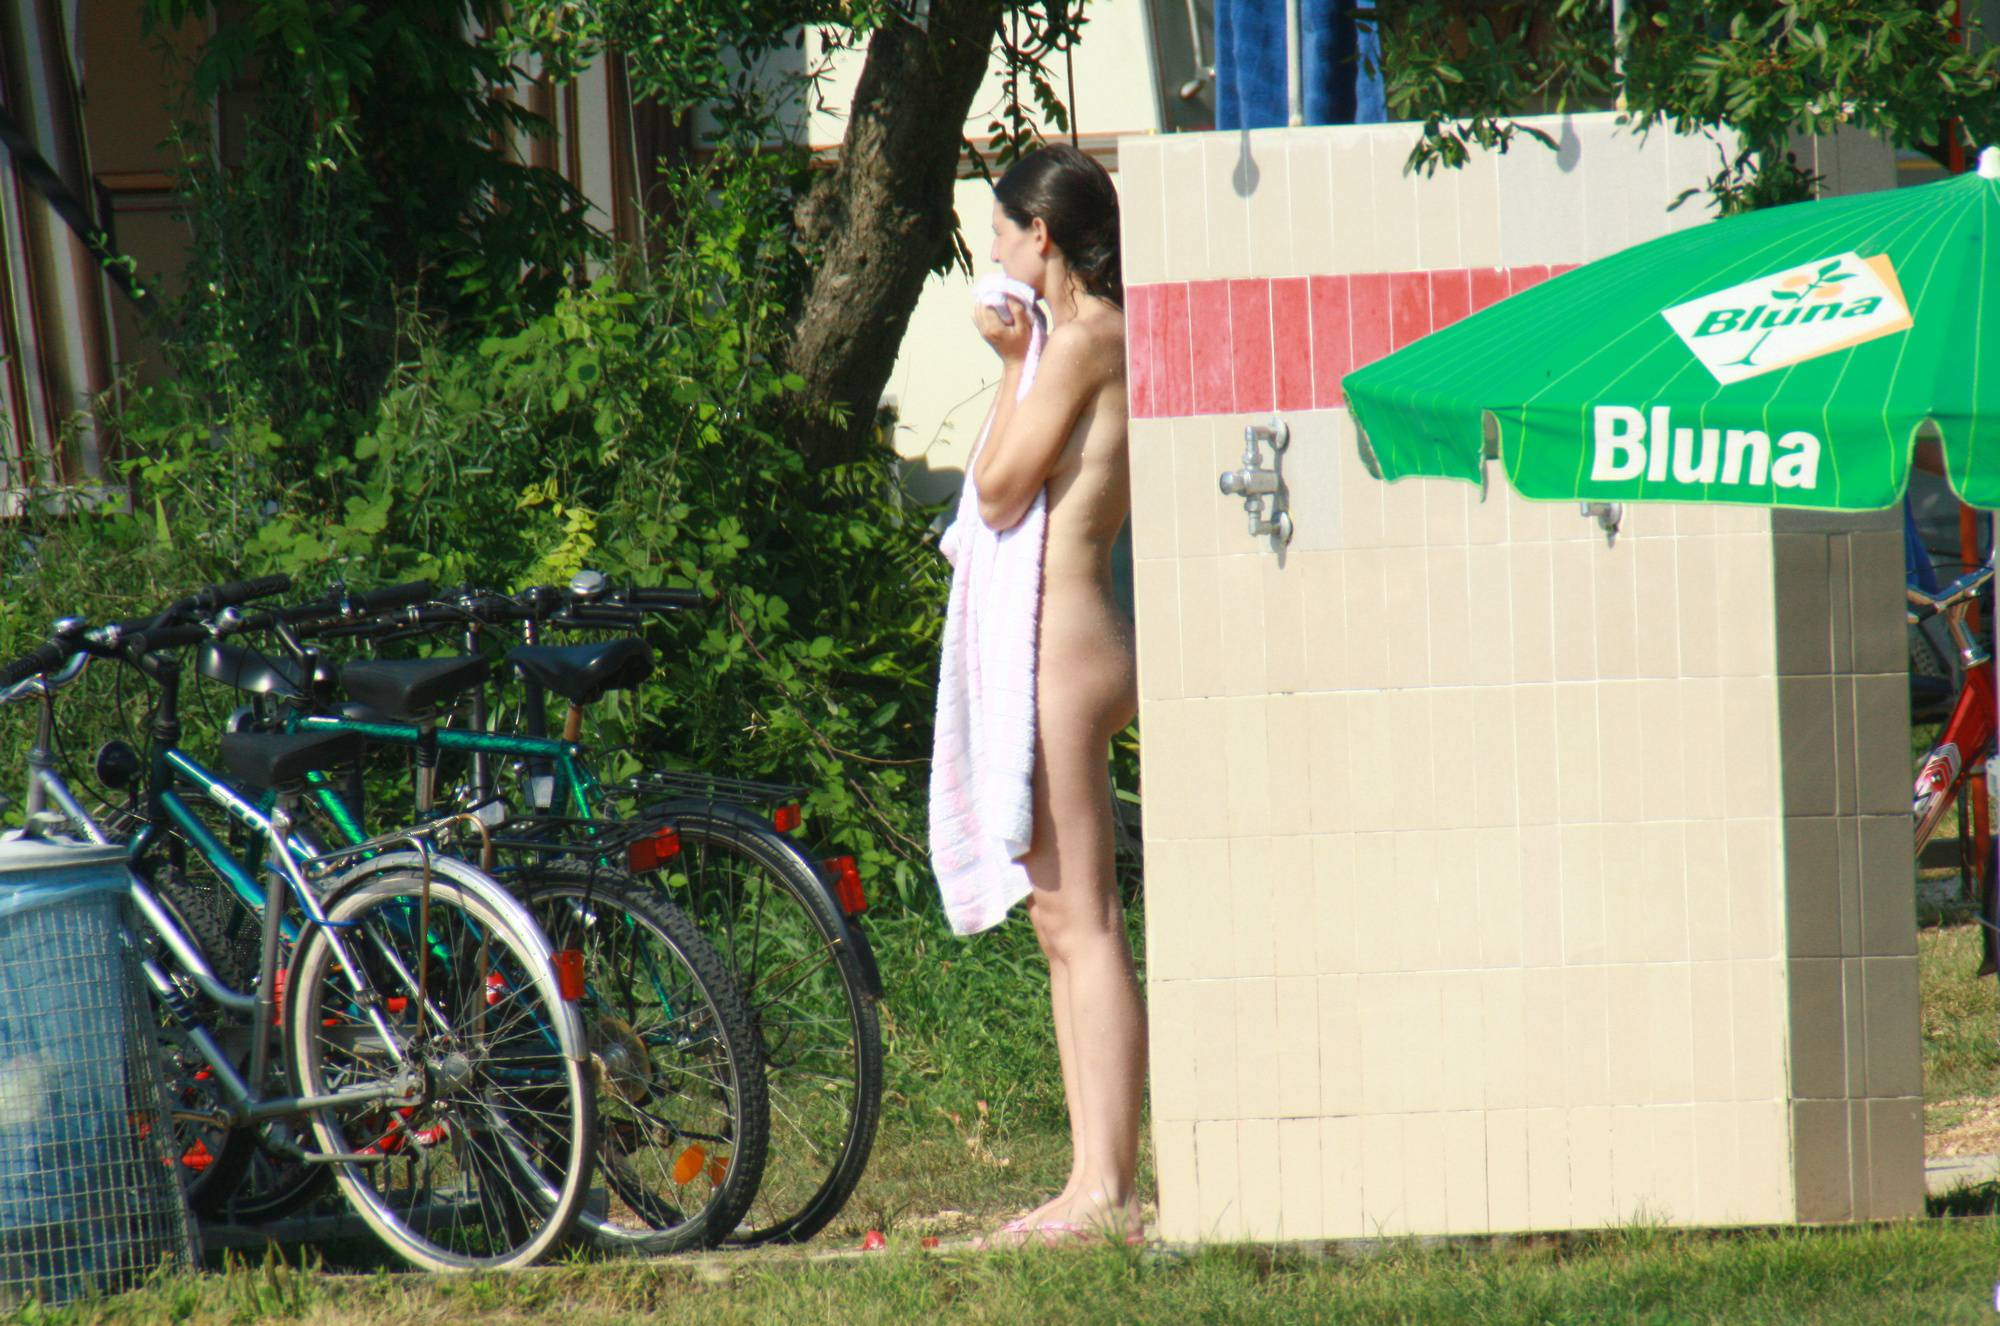 Nudist Pics Nudist Romantic Outdoors - 1